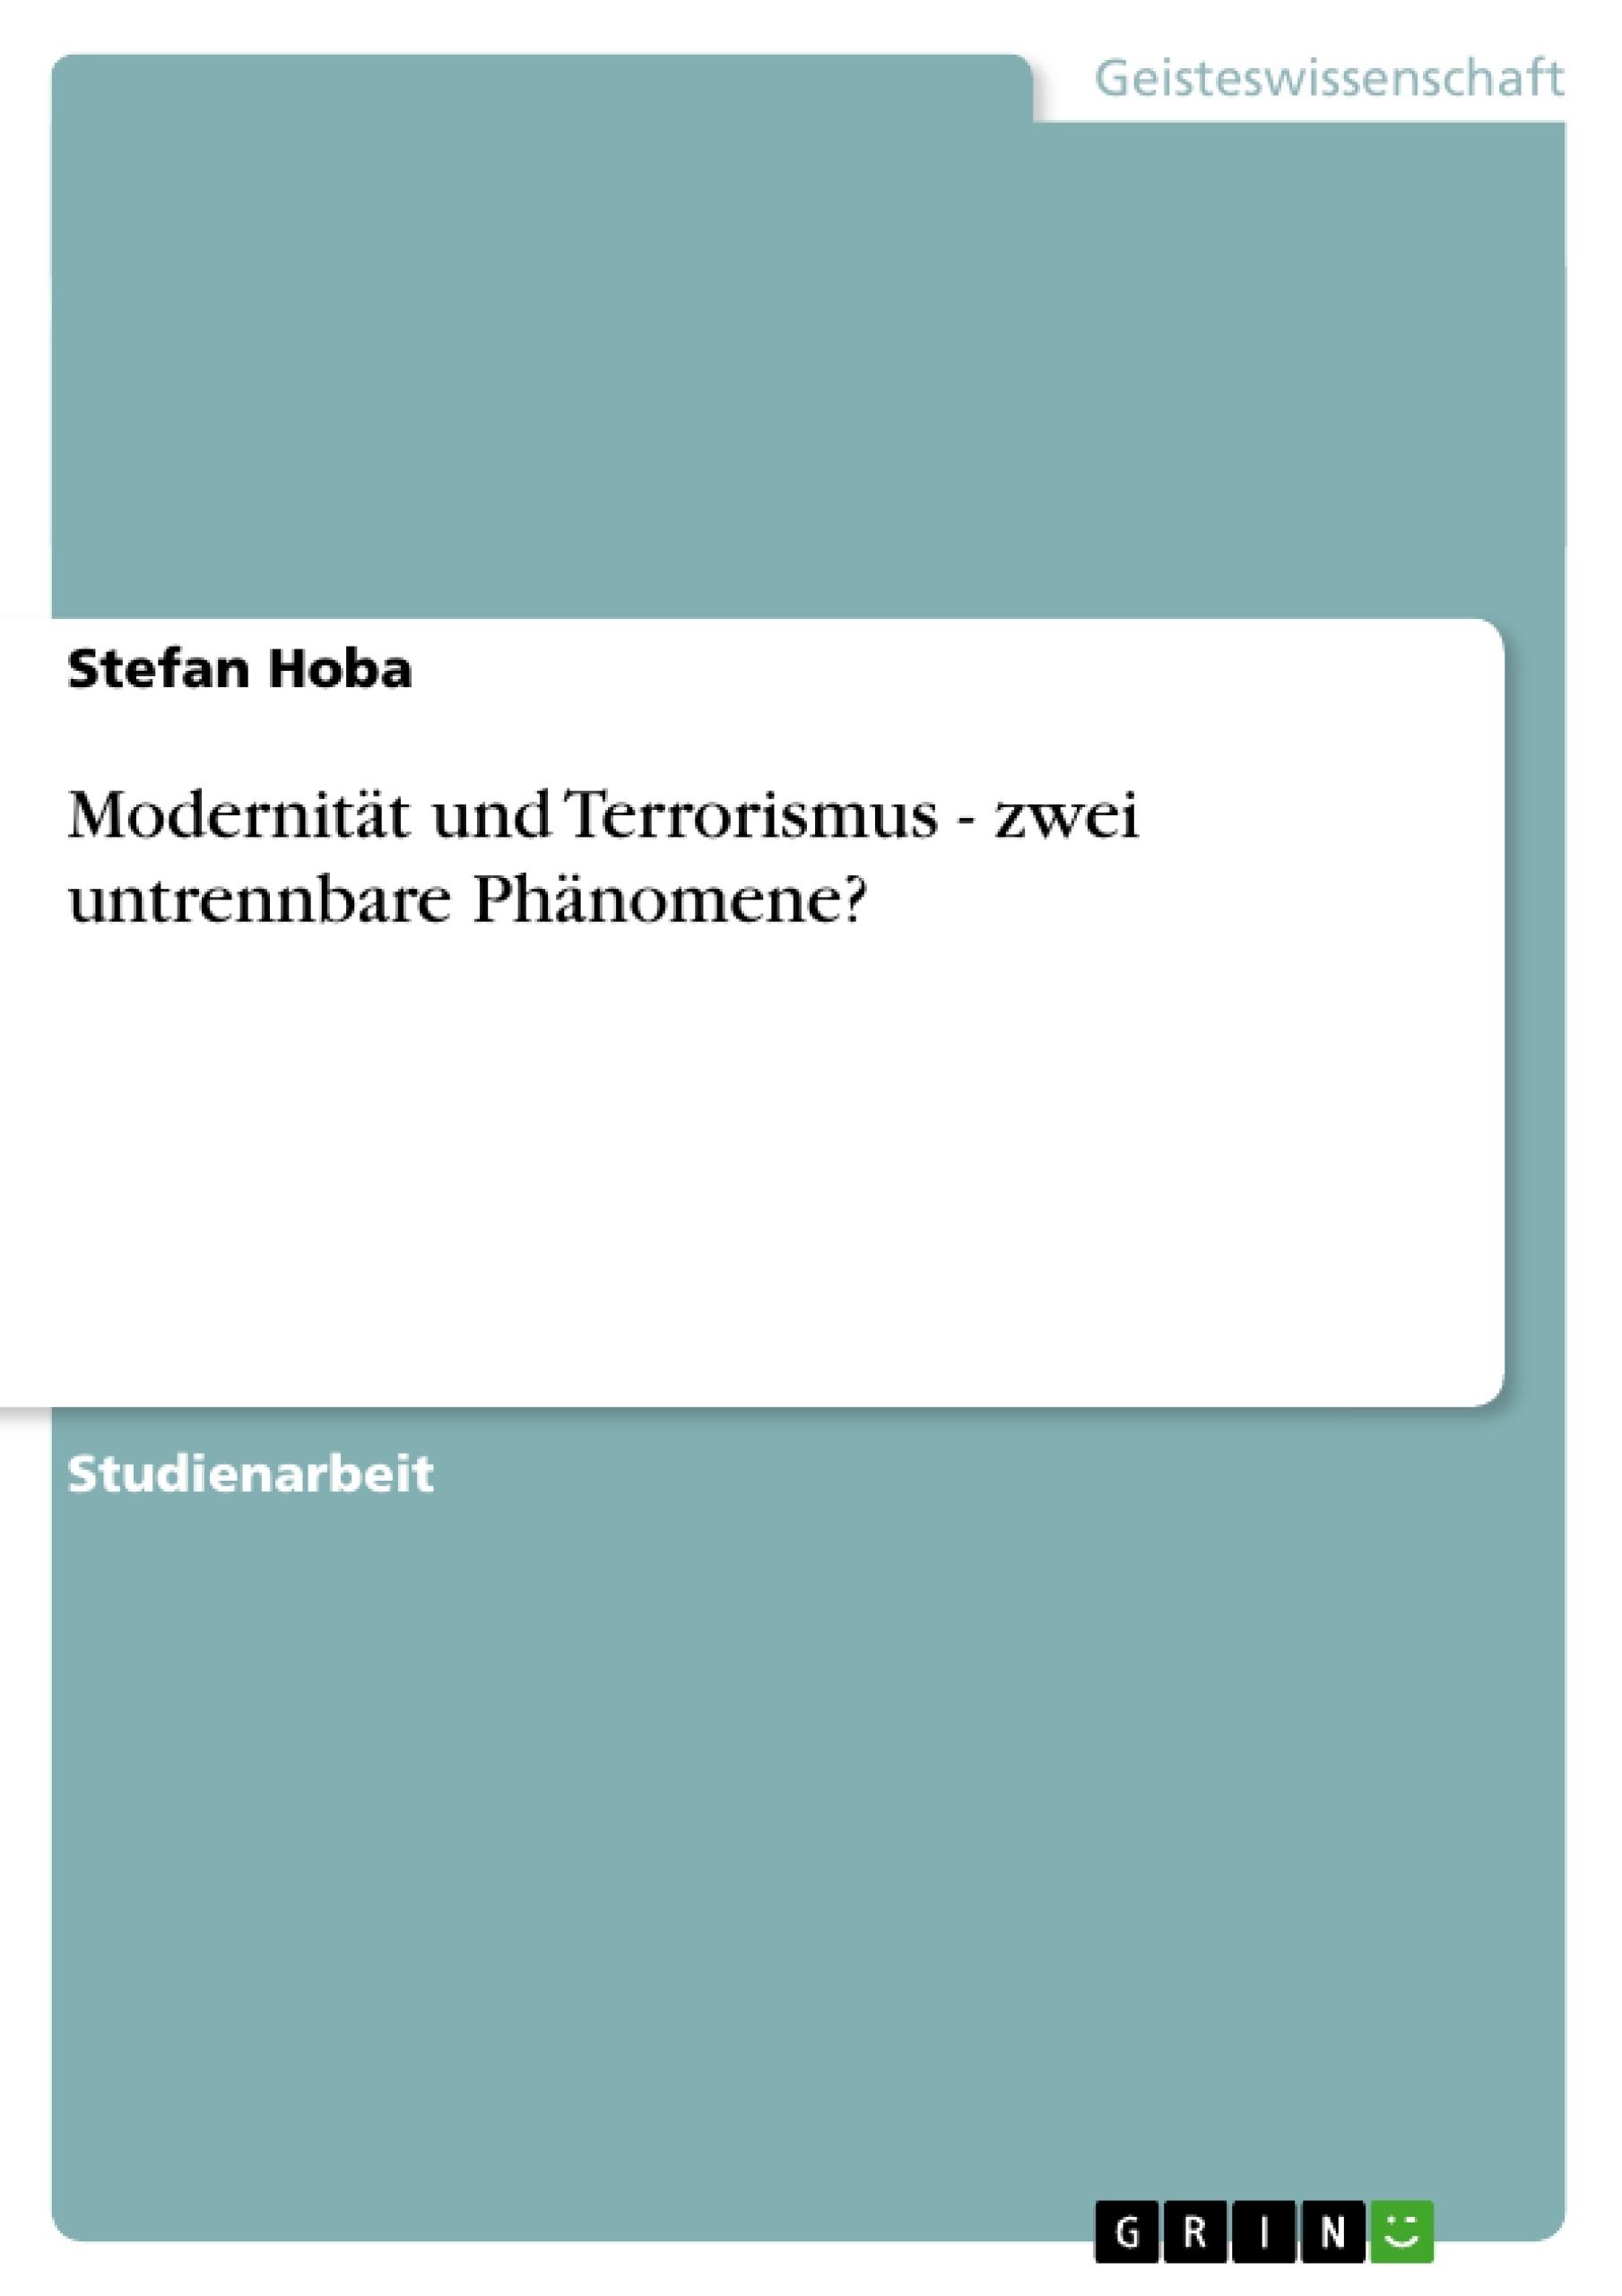 Titel: Modernität und Terrorismus - zwei untrennbare Phänomene?